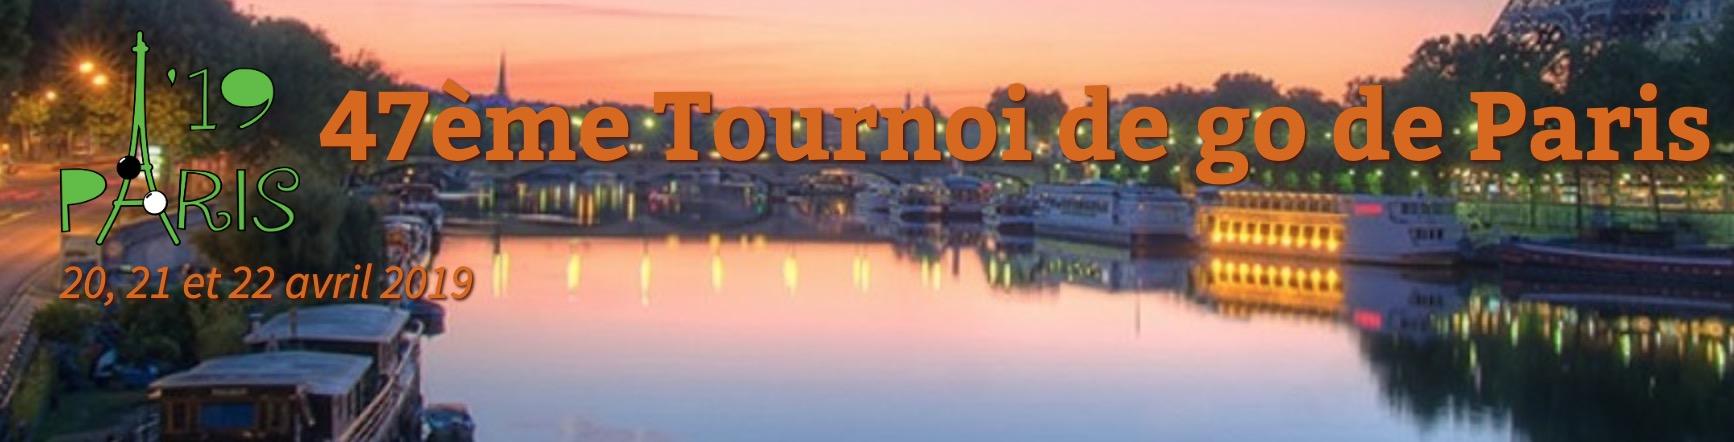 tournoi-go-paris-2019